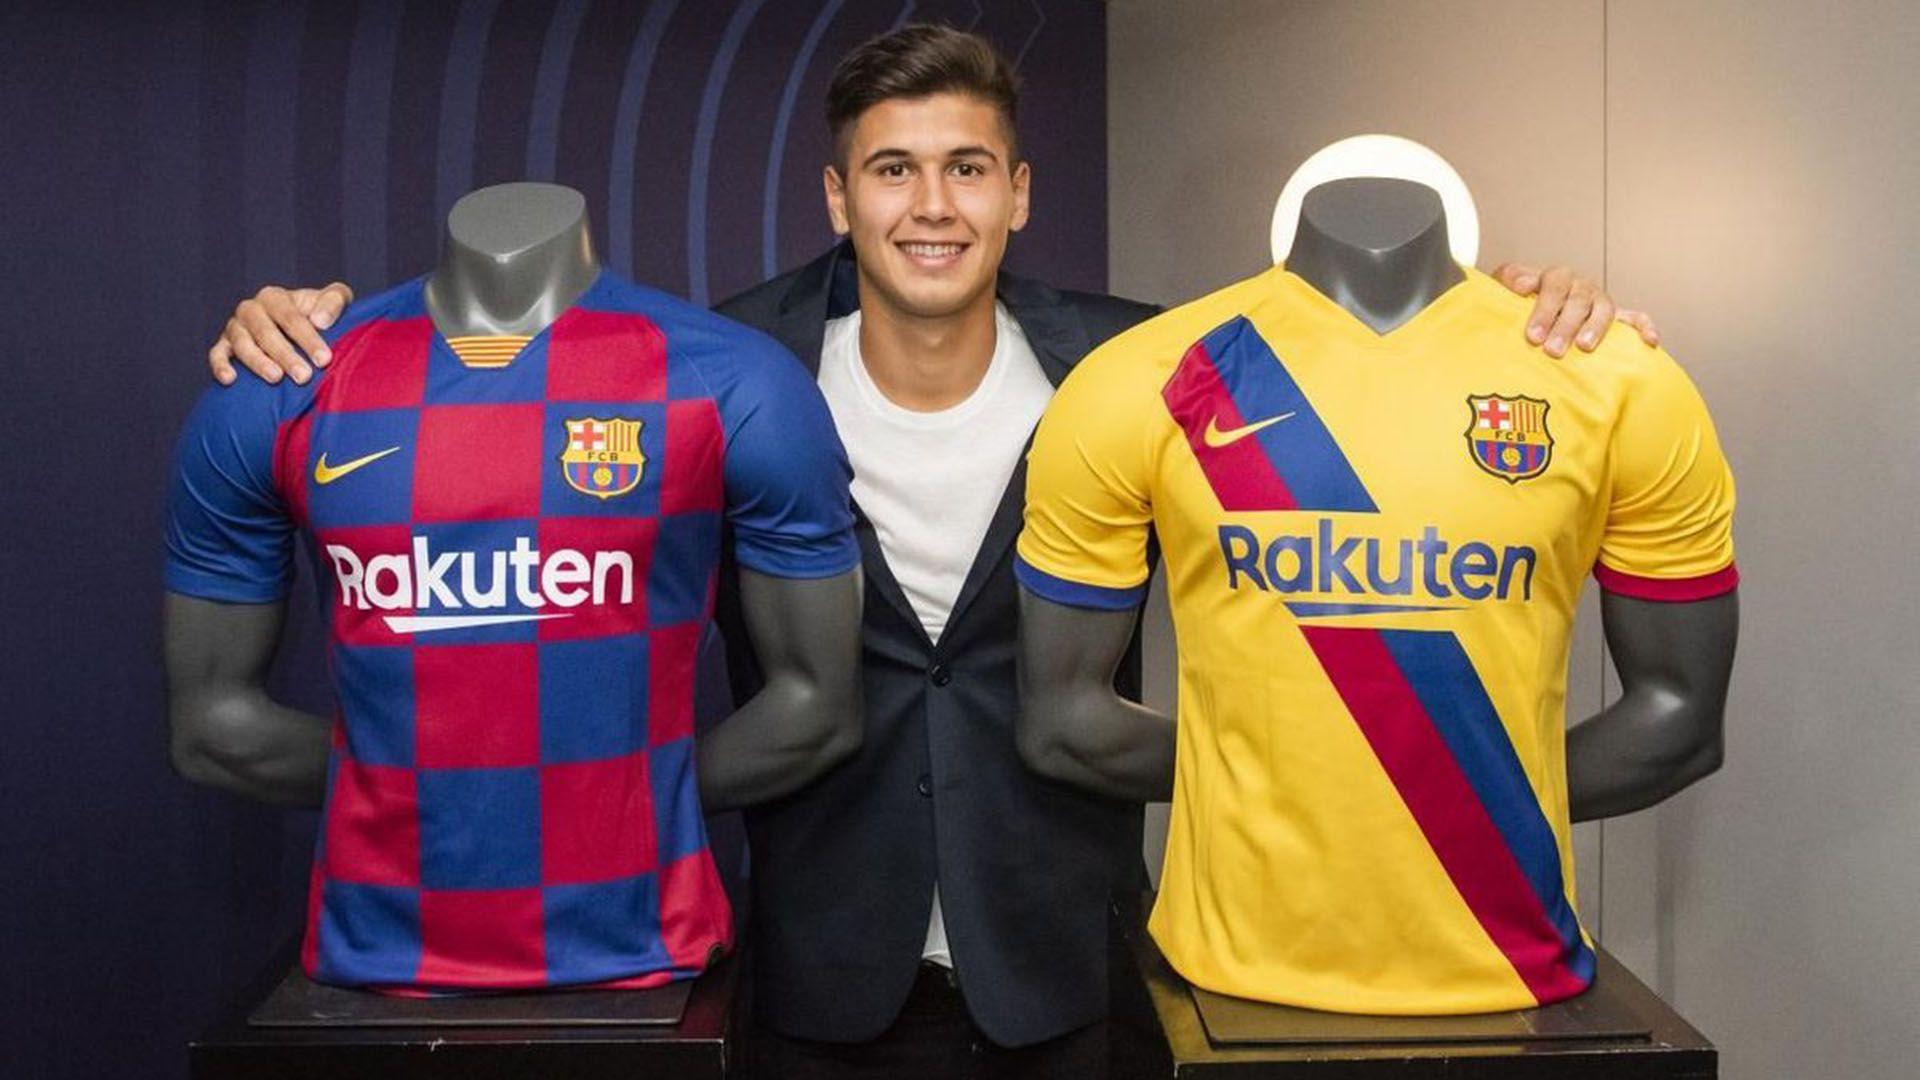 El defensor tiene 18 años (FC Barcelona)